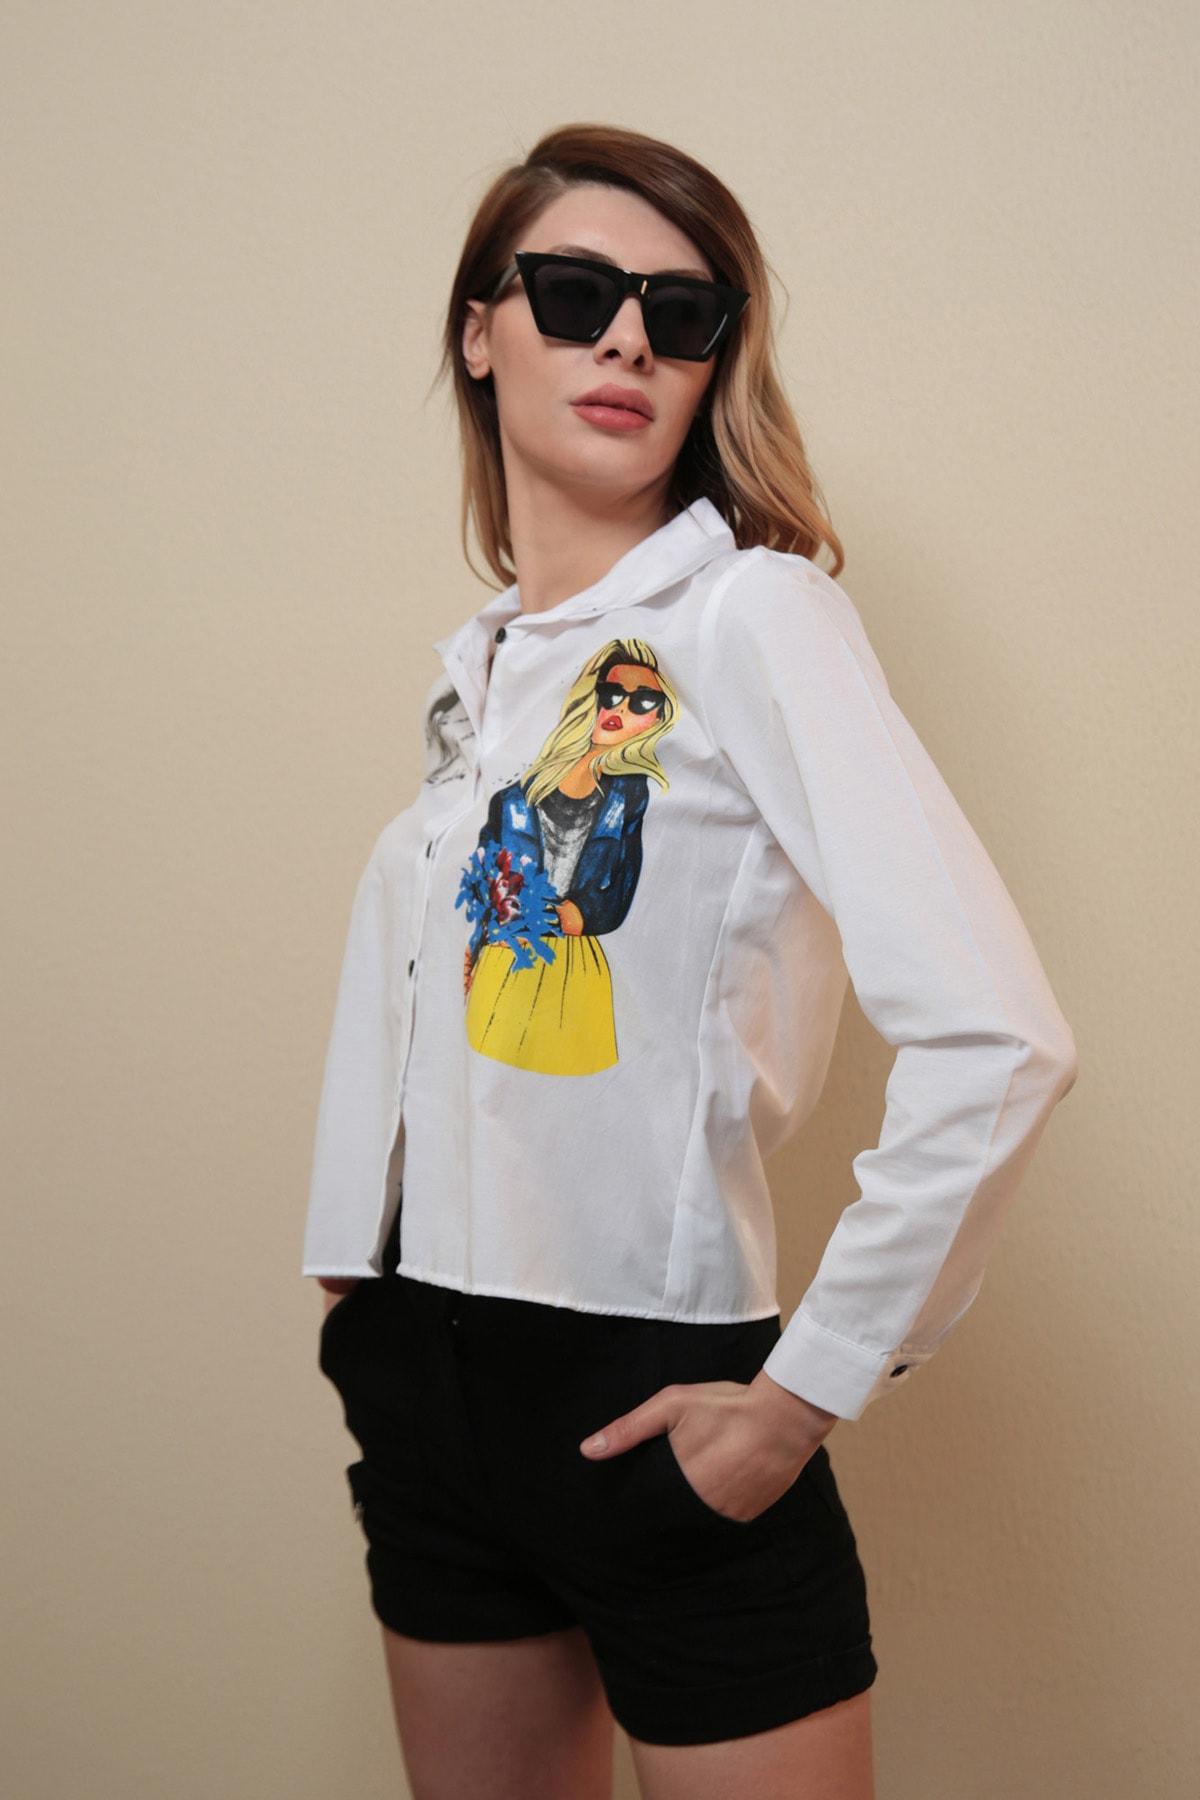 Reyon Kadın Beyaz Kız Baskılı Kadın Gömlek  20417002C2C